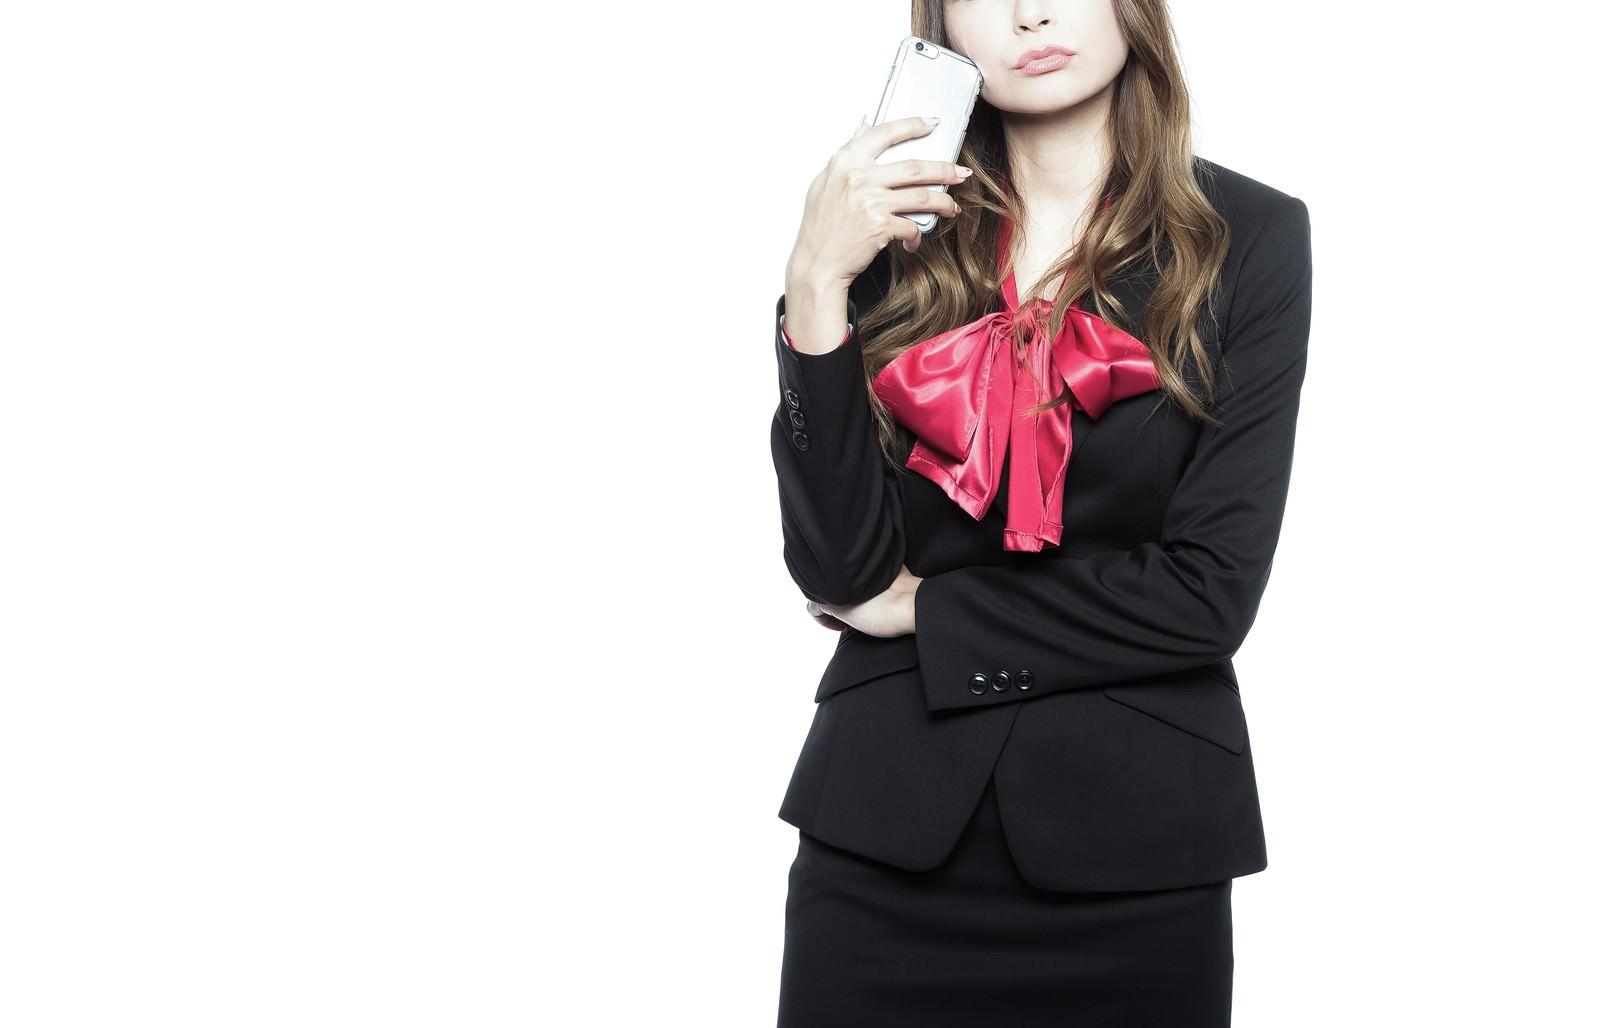 「ウザい営業の対処法を考える女性」の写真